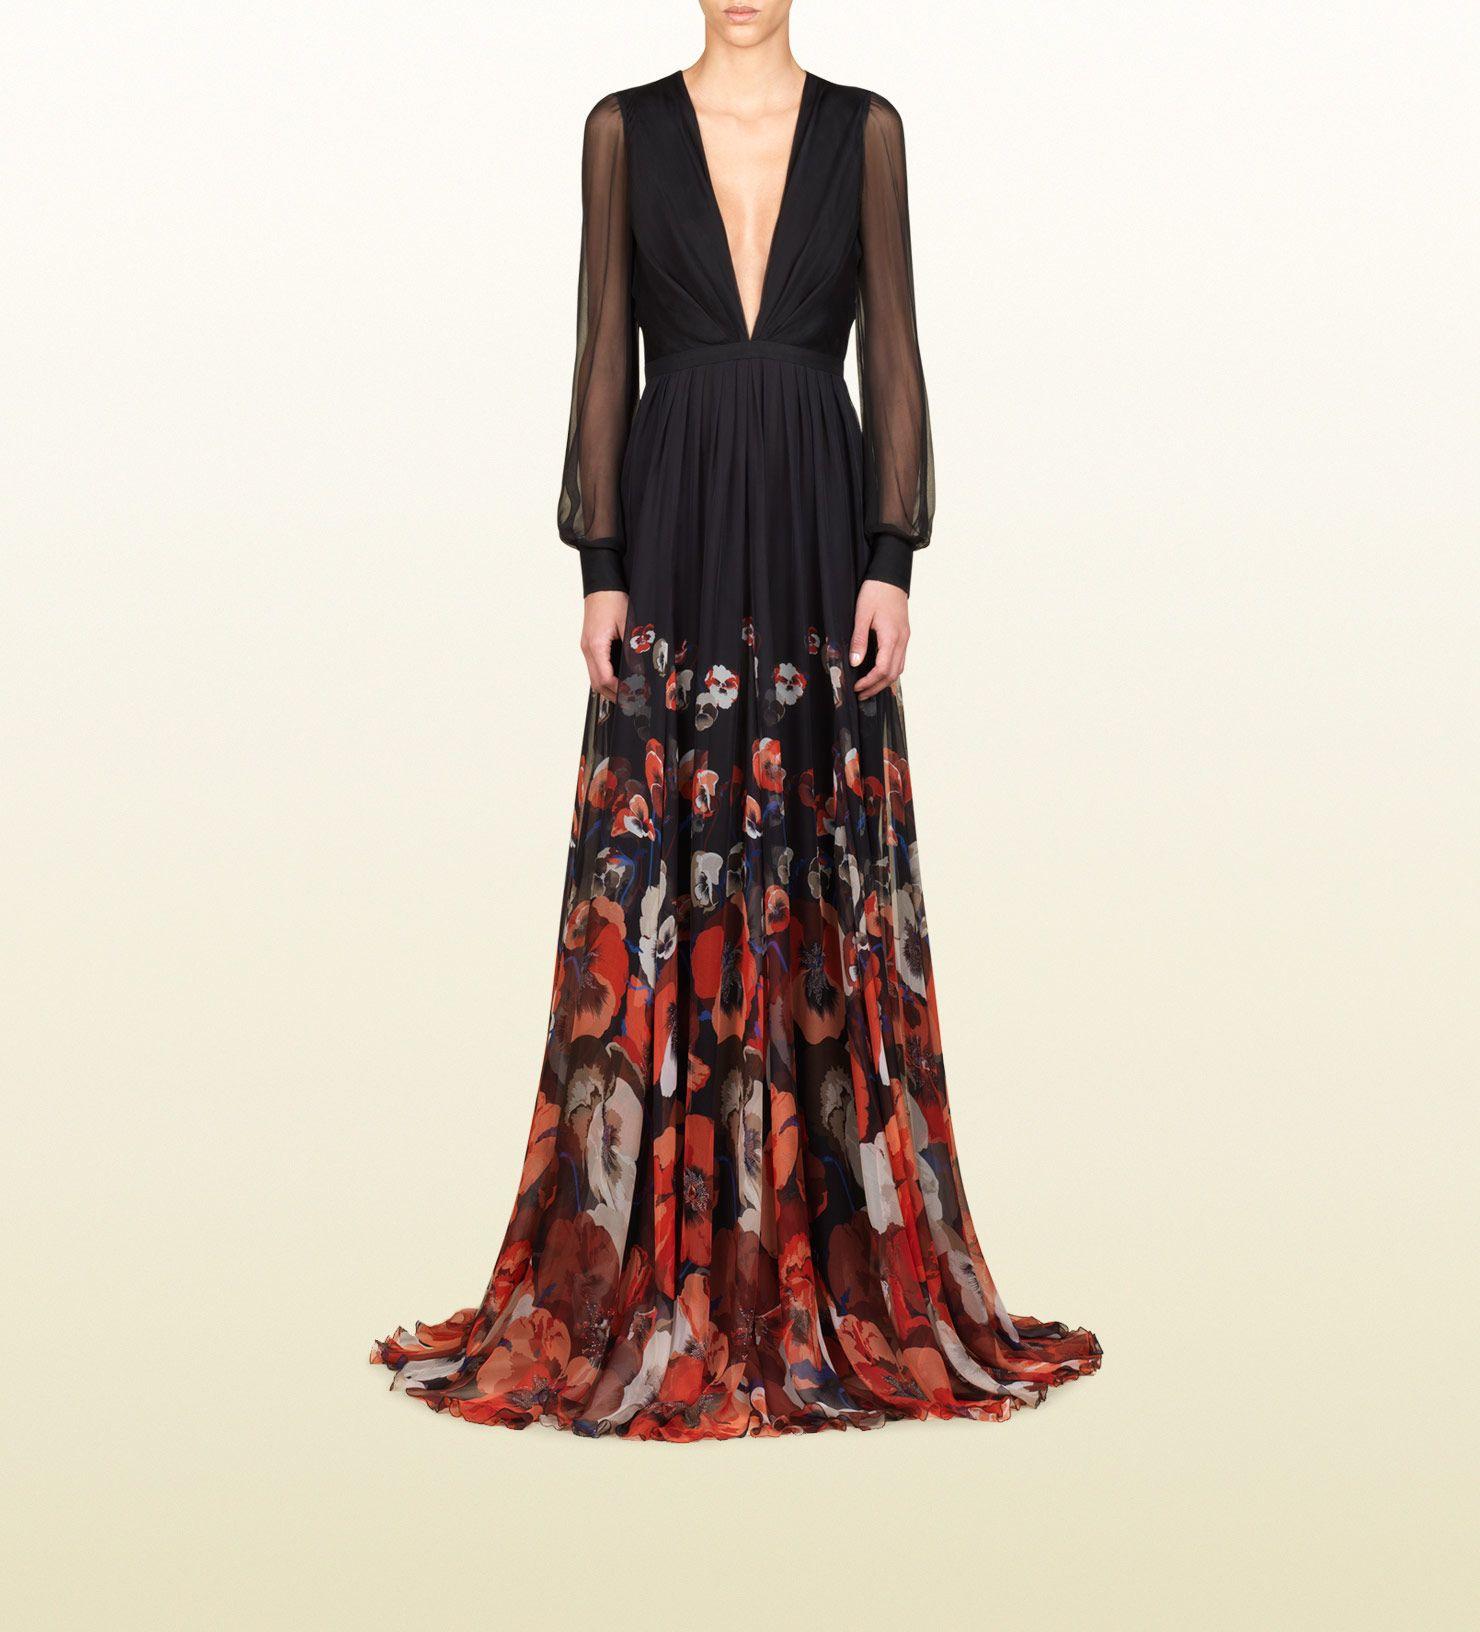 Abend Luxurius Gucci Abend Kleid Boutique15 Genial Gucci Abend Kleid Galerie